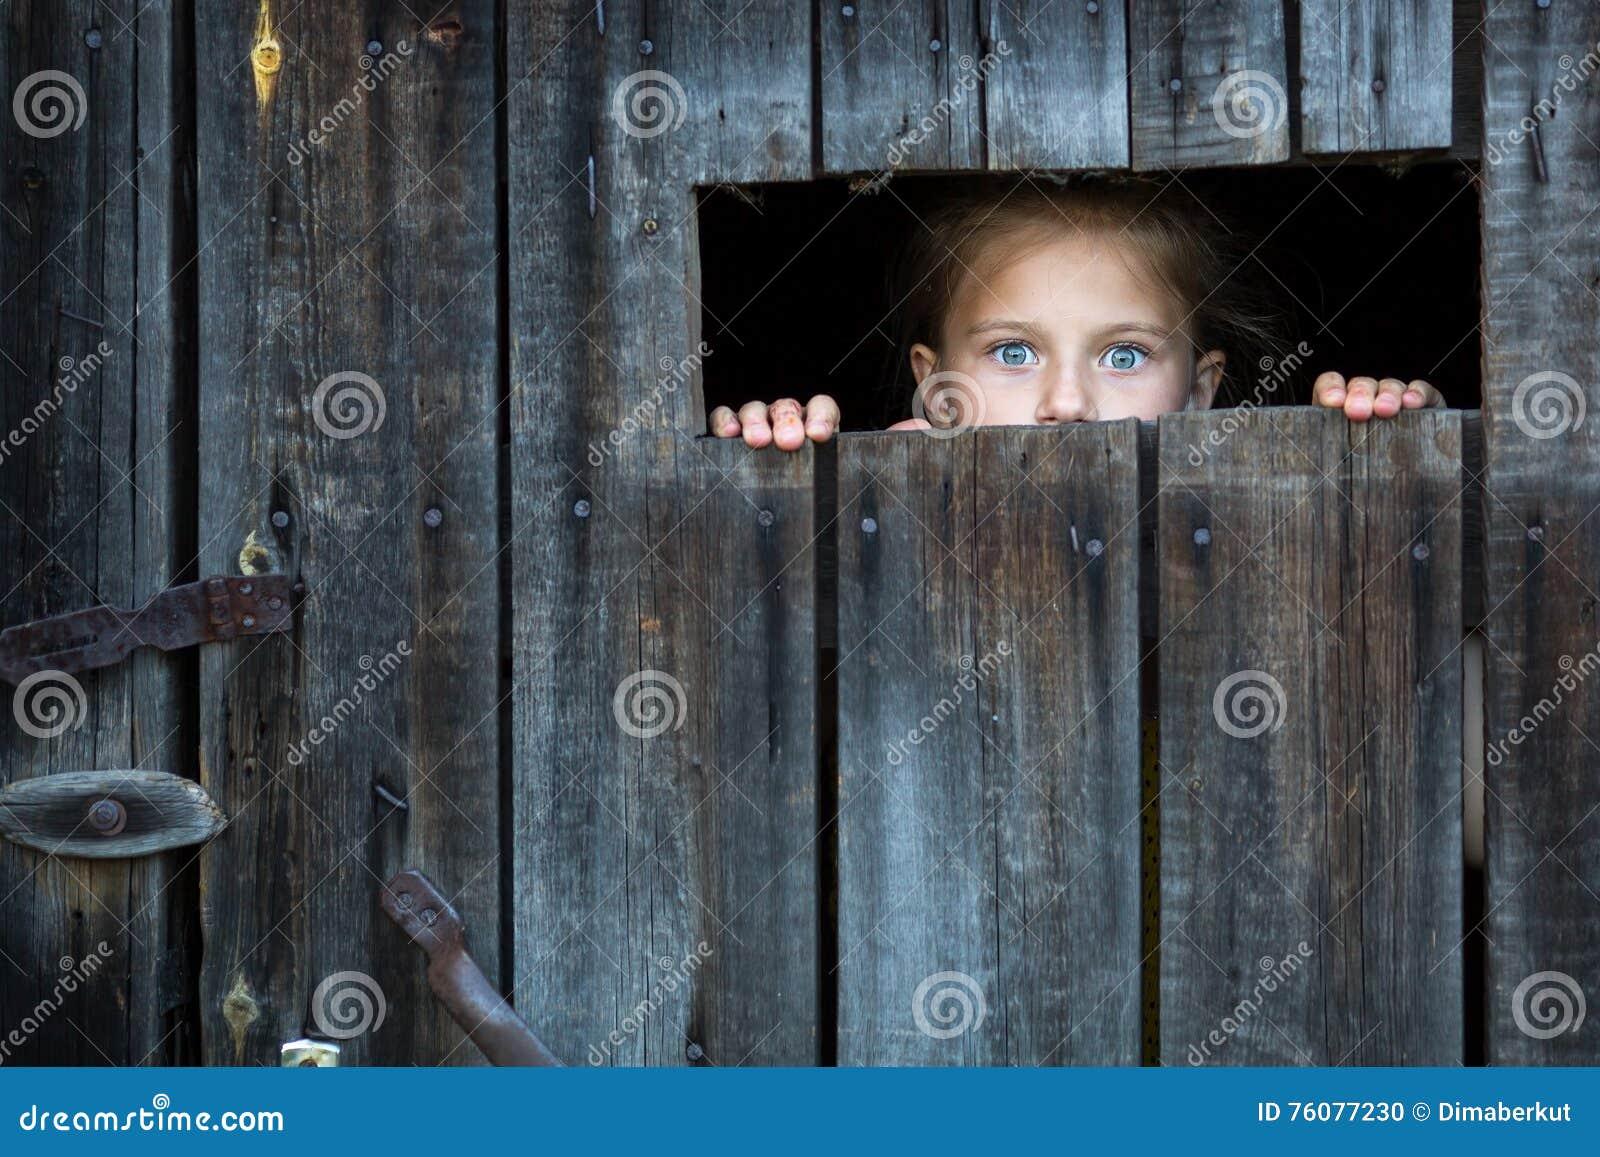 Sloot het kind angstig kijkt door de barst in de staldeur angst